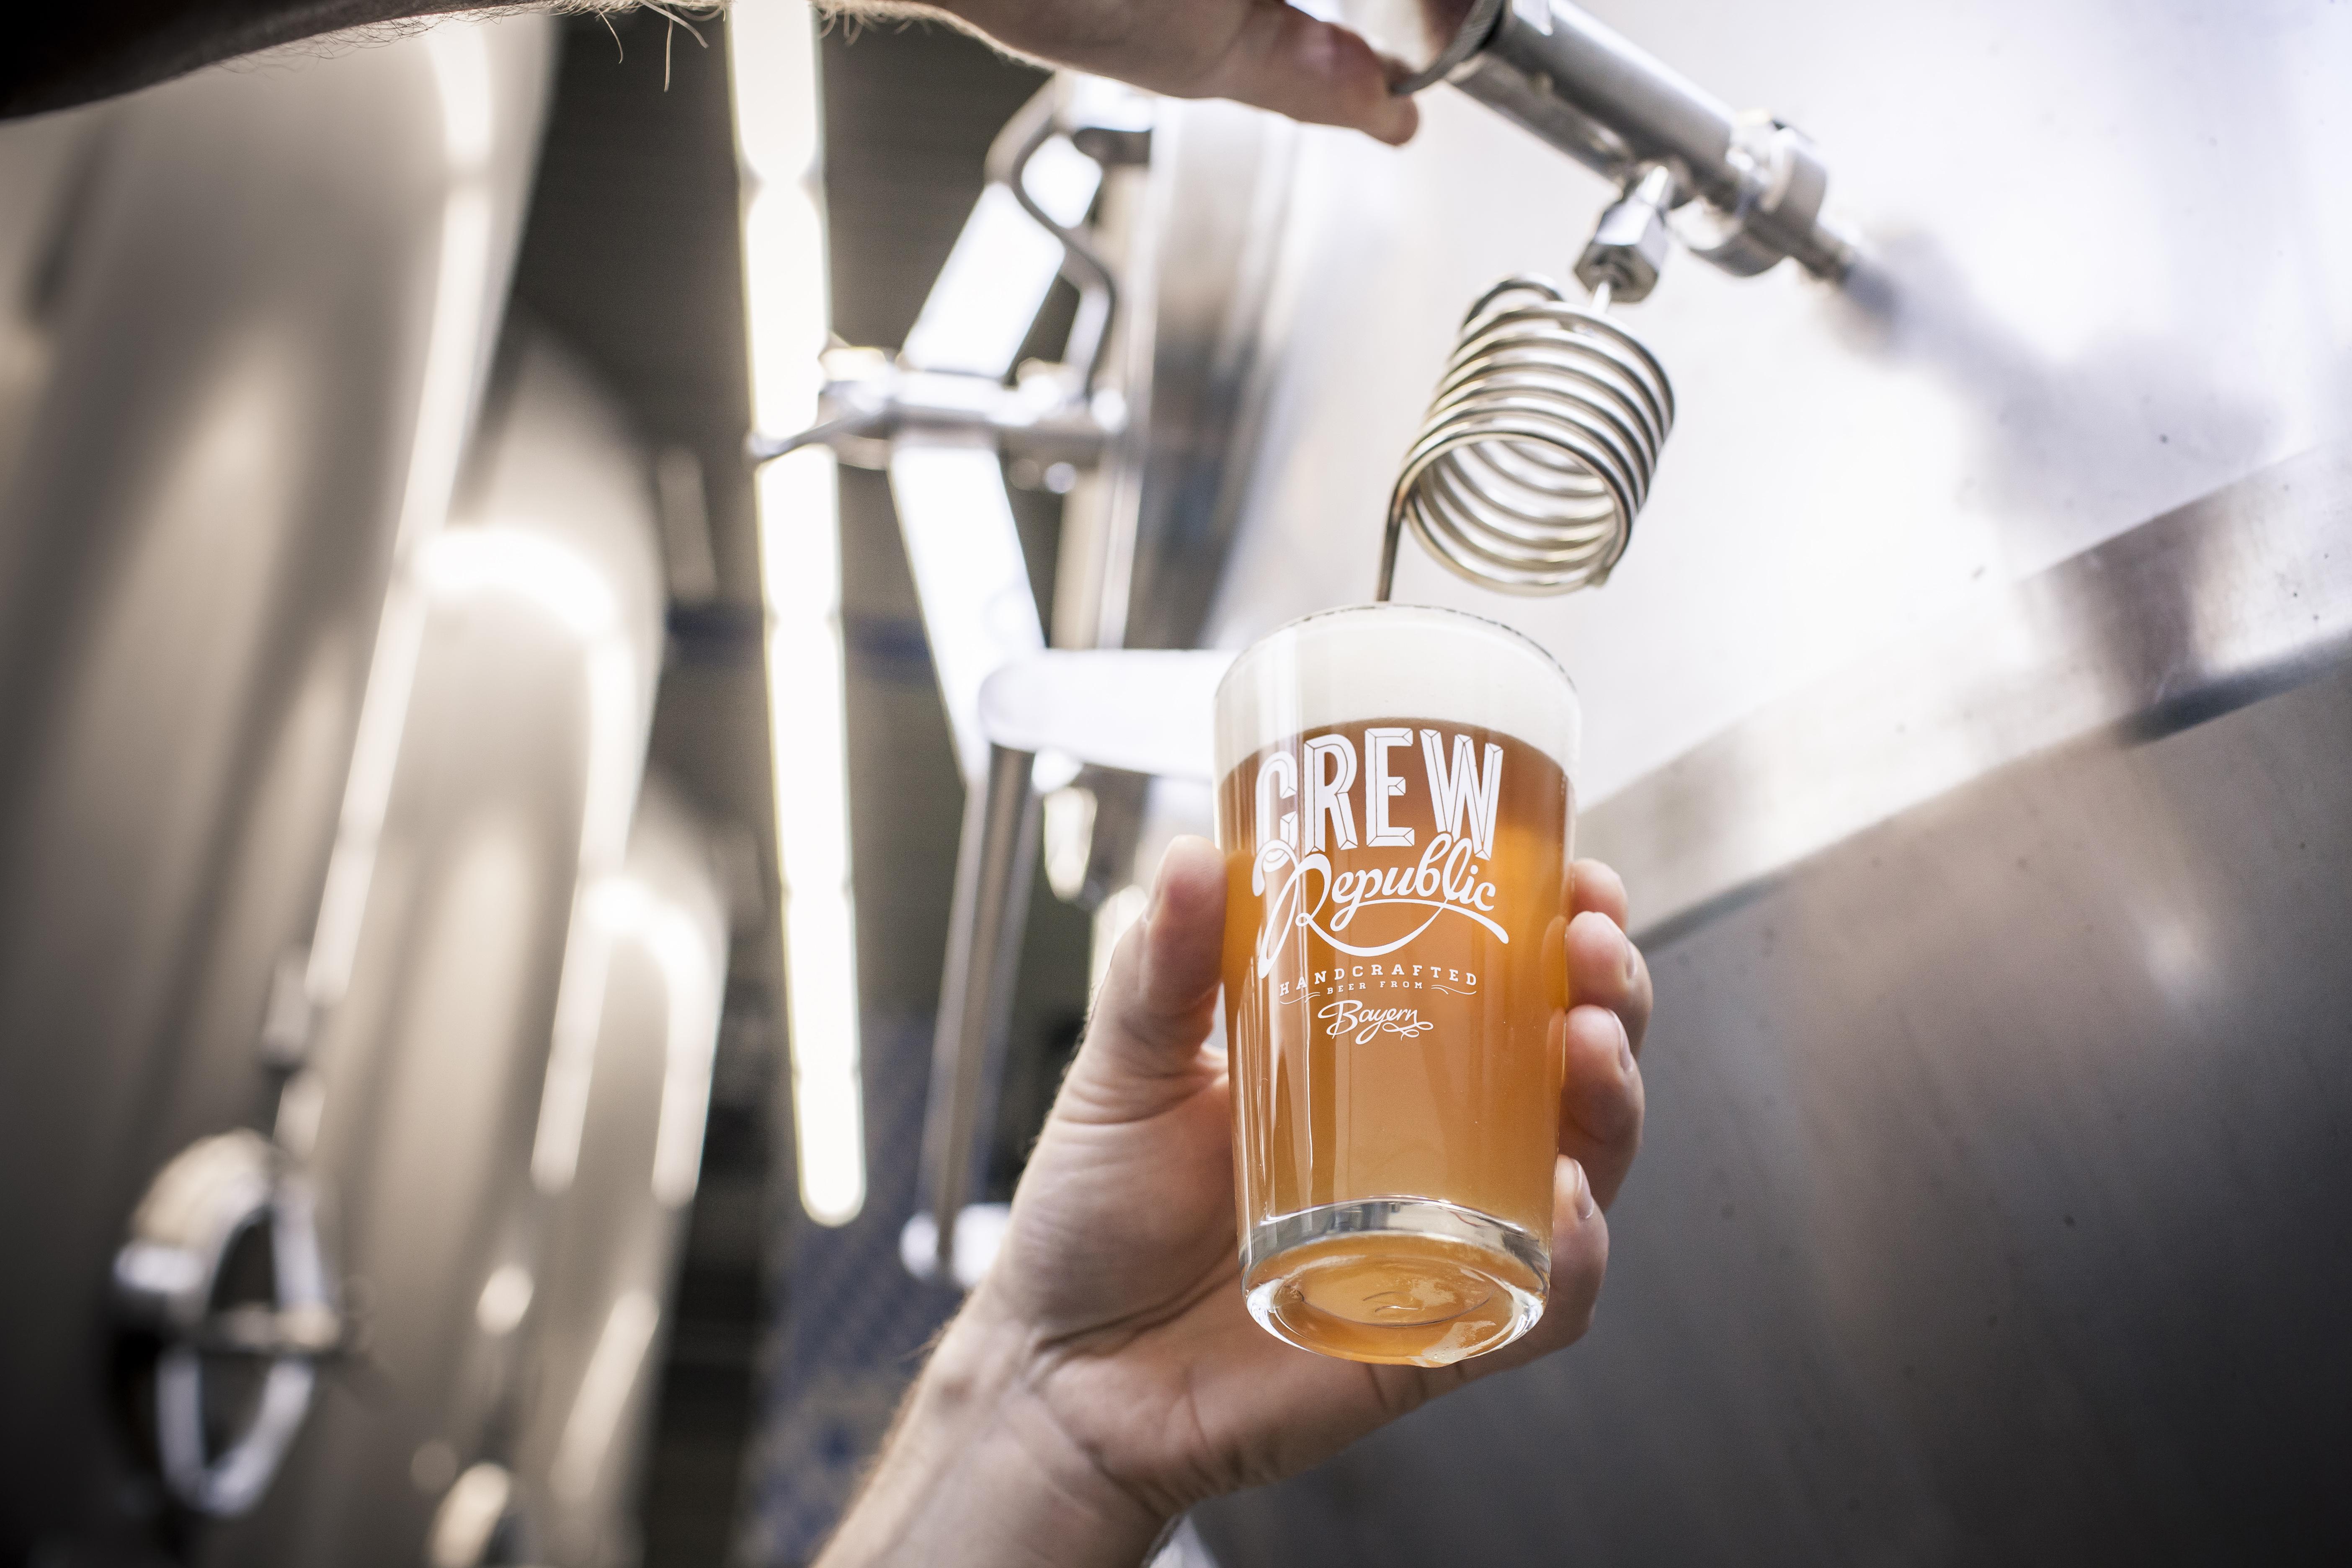 Crew Republic, Bier Brauerei,MicroBrewerie, M¸nchen Unterscheleissheim, GF Timm Schnigula (Kappe) und Mario Hanel